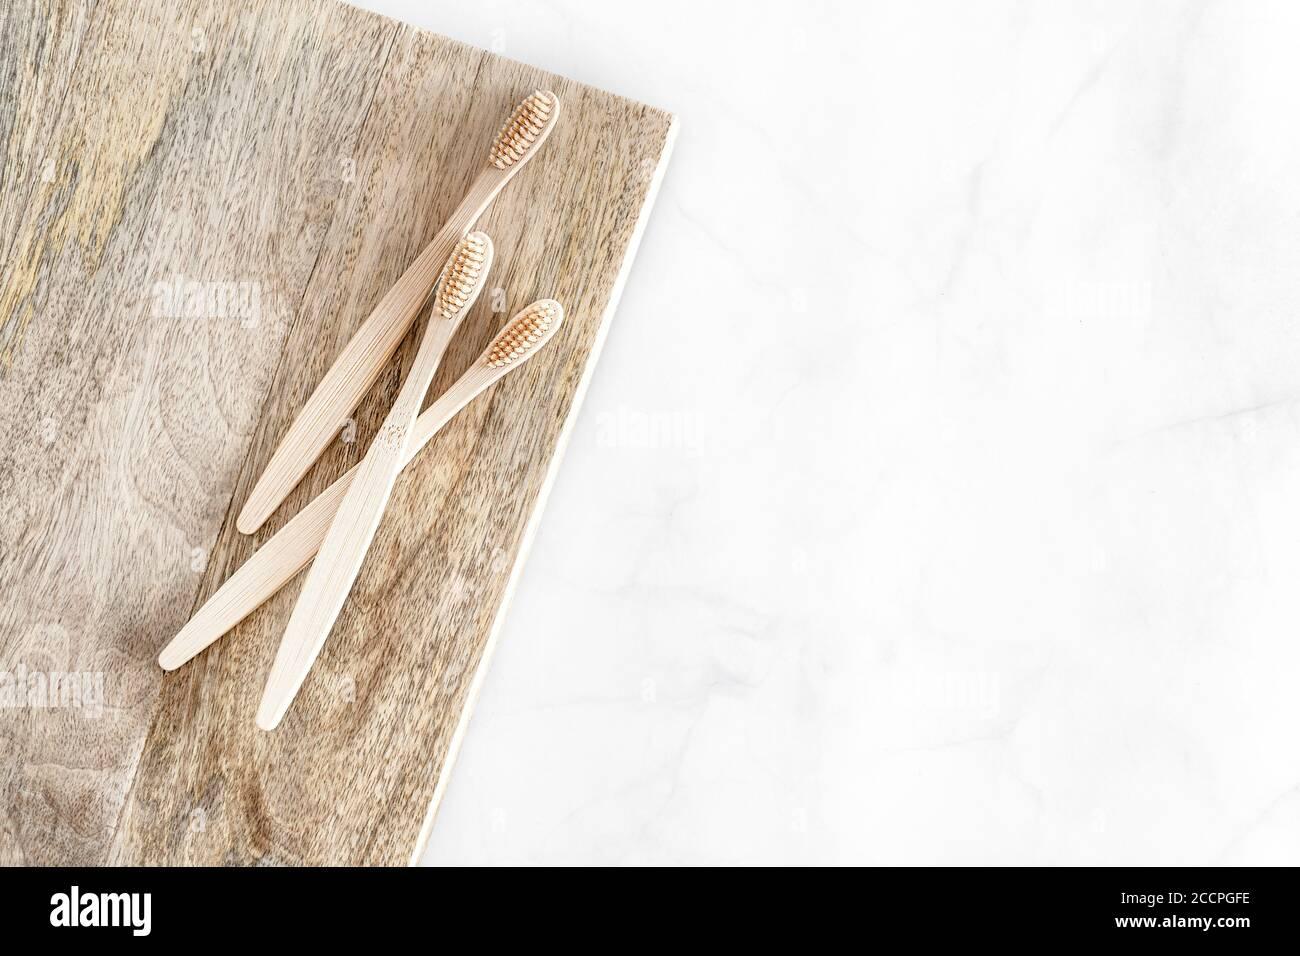 Composición con cepillos de dientes de bambú biodegradables sobre fondo de mármol. Sostenible, sin residuos, sin plástico, concepto de estilo de vida. Accesorios de higiene bucal ecológicos.Lay plano, vista superior, espacio de copia. Foto de stock